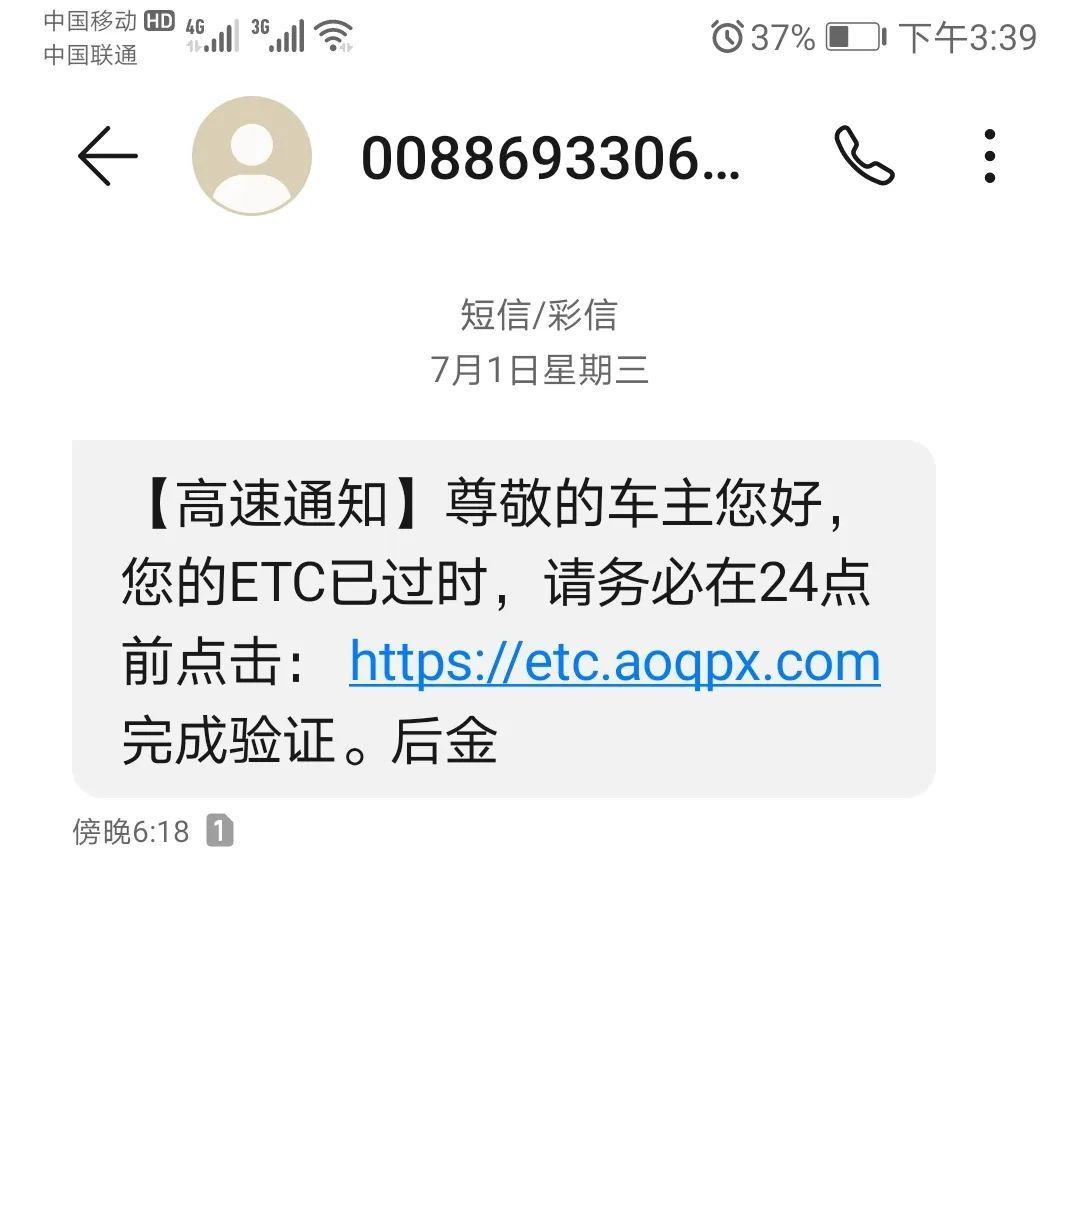 诈骗分子发送的ETC诈骗短信长沙公安刑侦供图